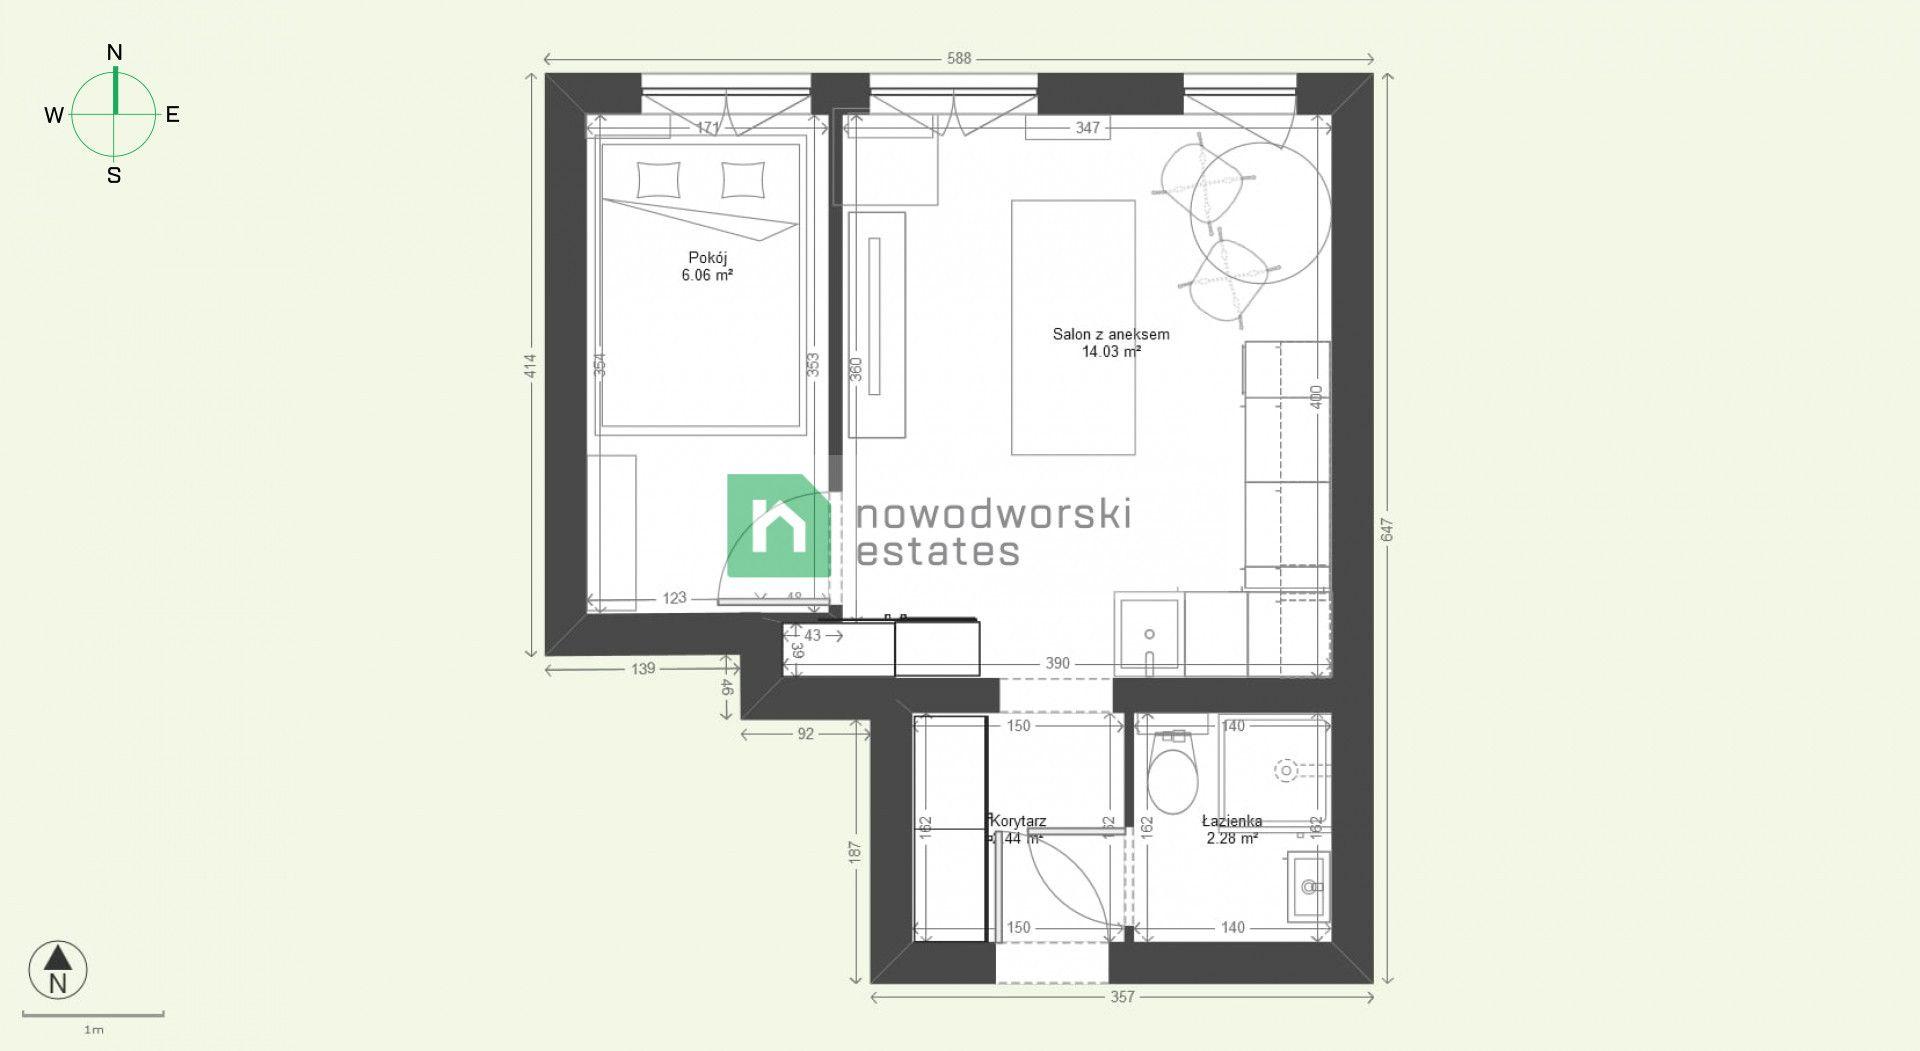 Mieszkanie na sprzedaż Gdańsk, Wrzeszcz Górny ul. Adama Mickiewicza  Nowoczesne, świerzo wyremontowane, przytulne 2 pokoje, świetna lokalizacja Wrzeszcz  floorplan